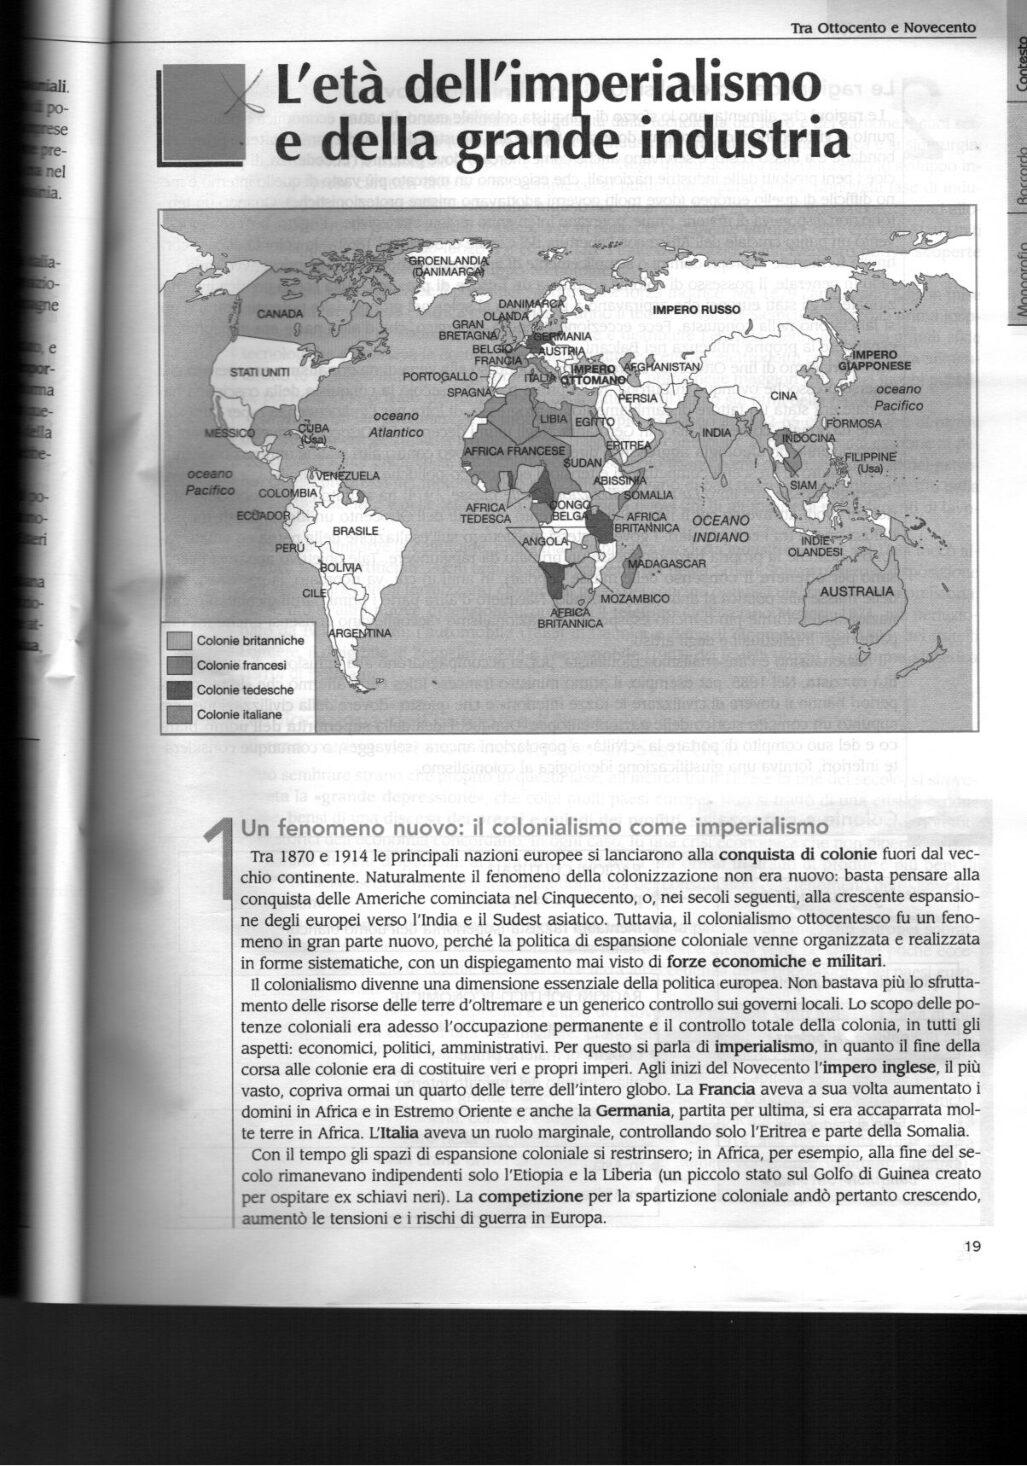 L'ETA DELL'IMPERIALISMO E DELLA GRANDE INDUSTRIA